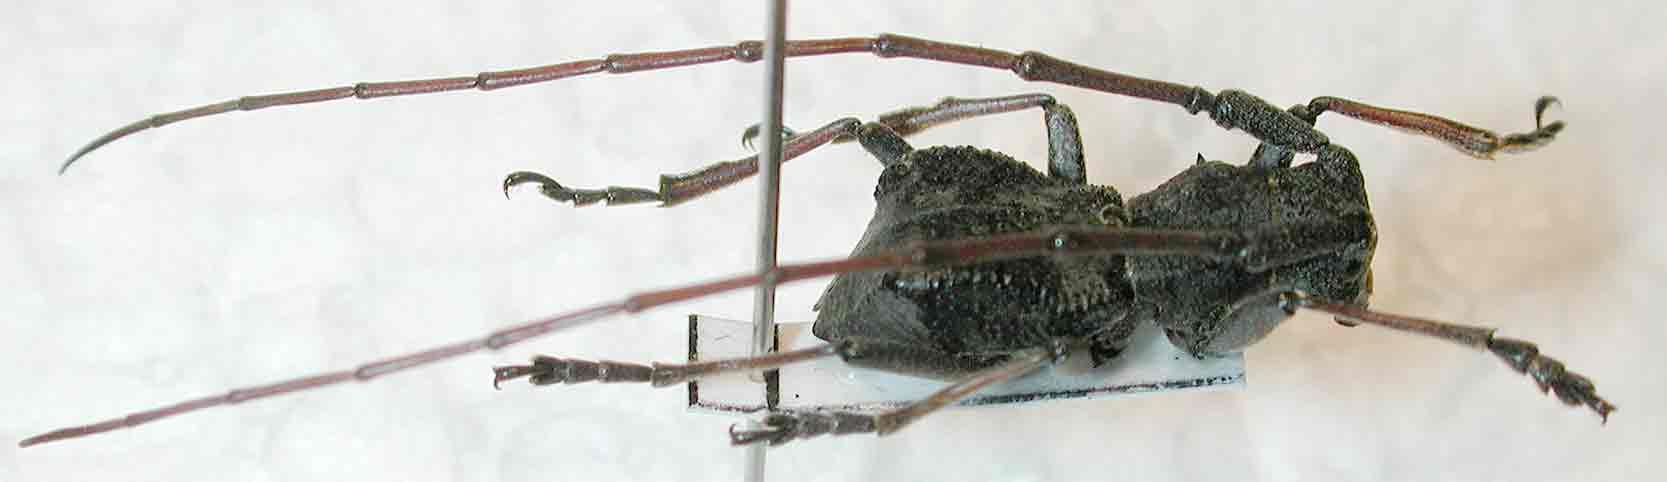 ソボセダカコブヤハズカミキリ